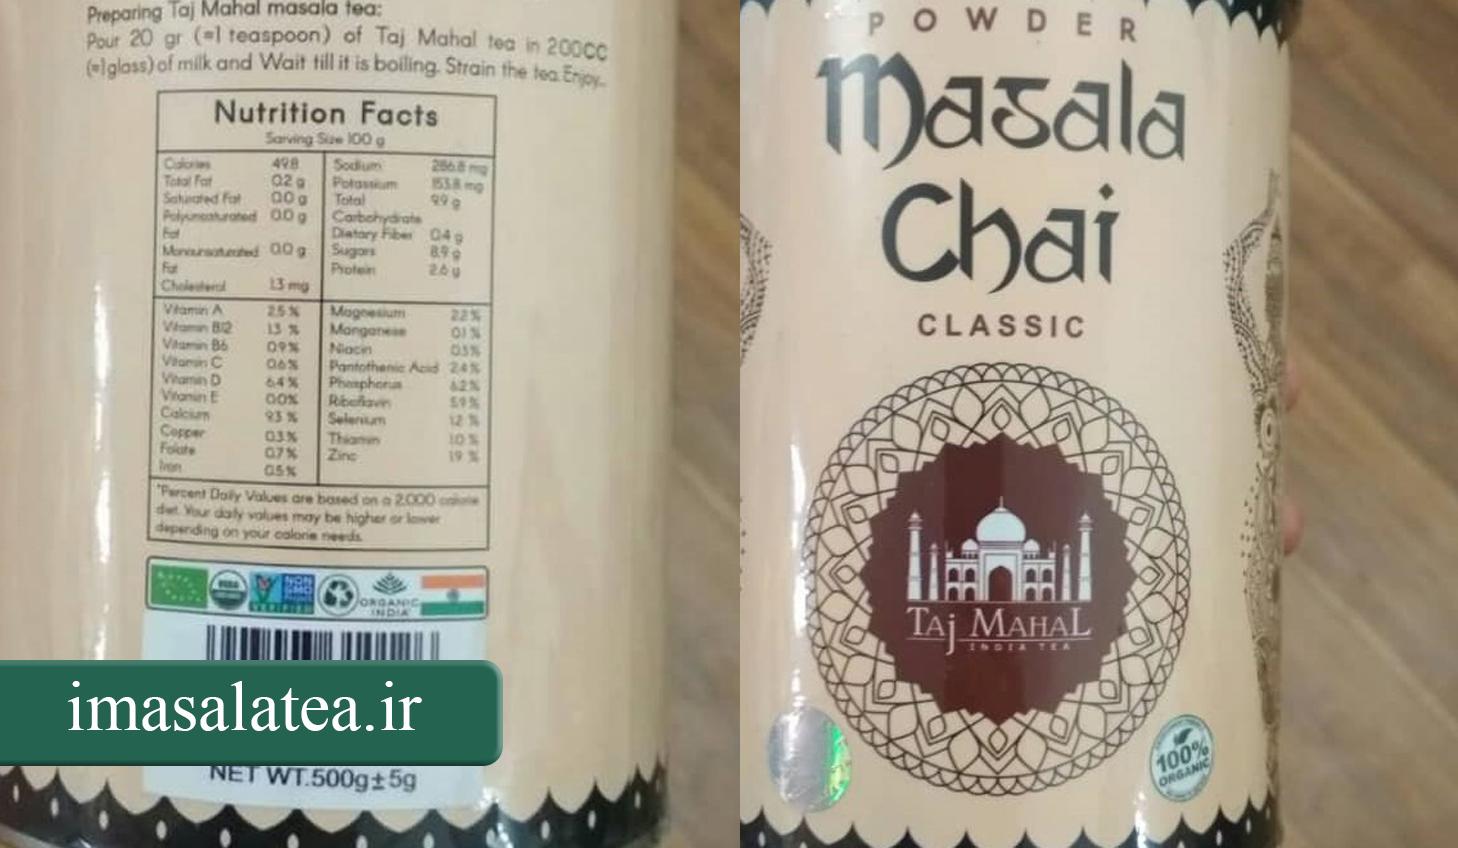 تشخیص چای ماسالا اصل و تقلبی